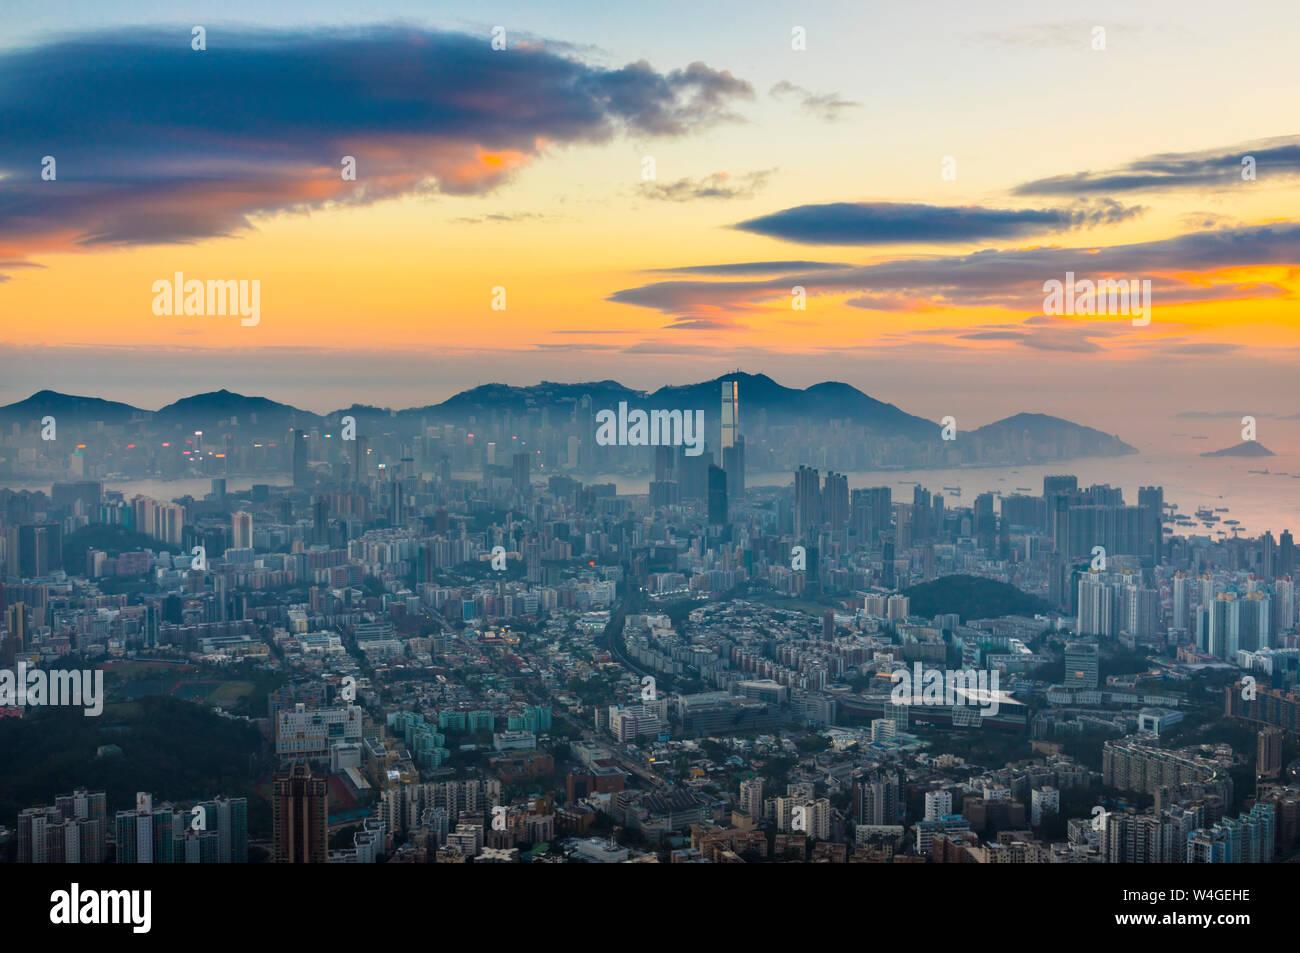 Kowloon, Hong Kong, China Stock Photo